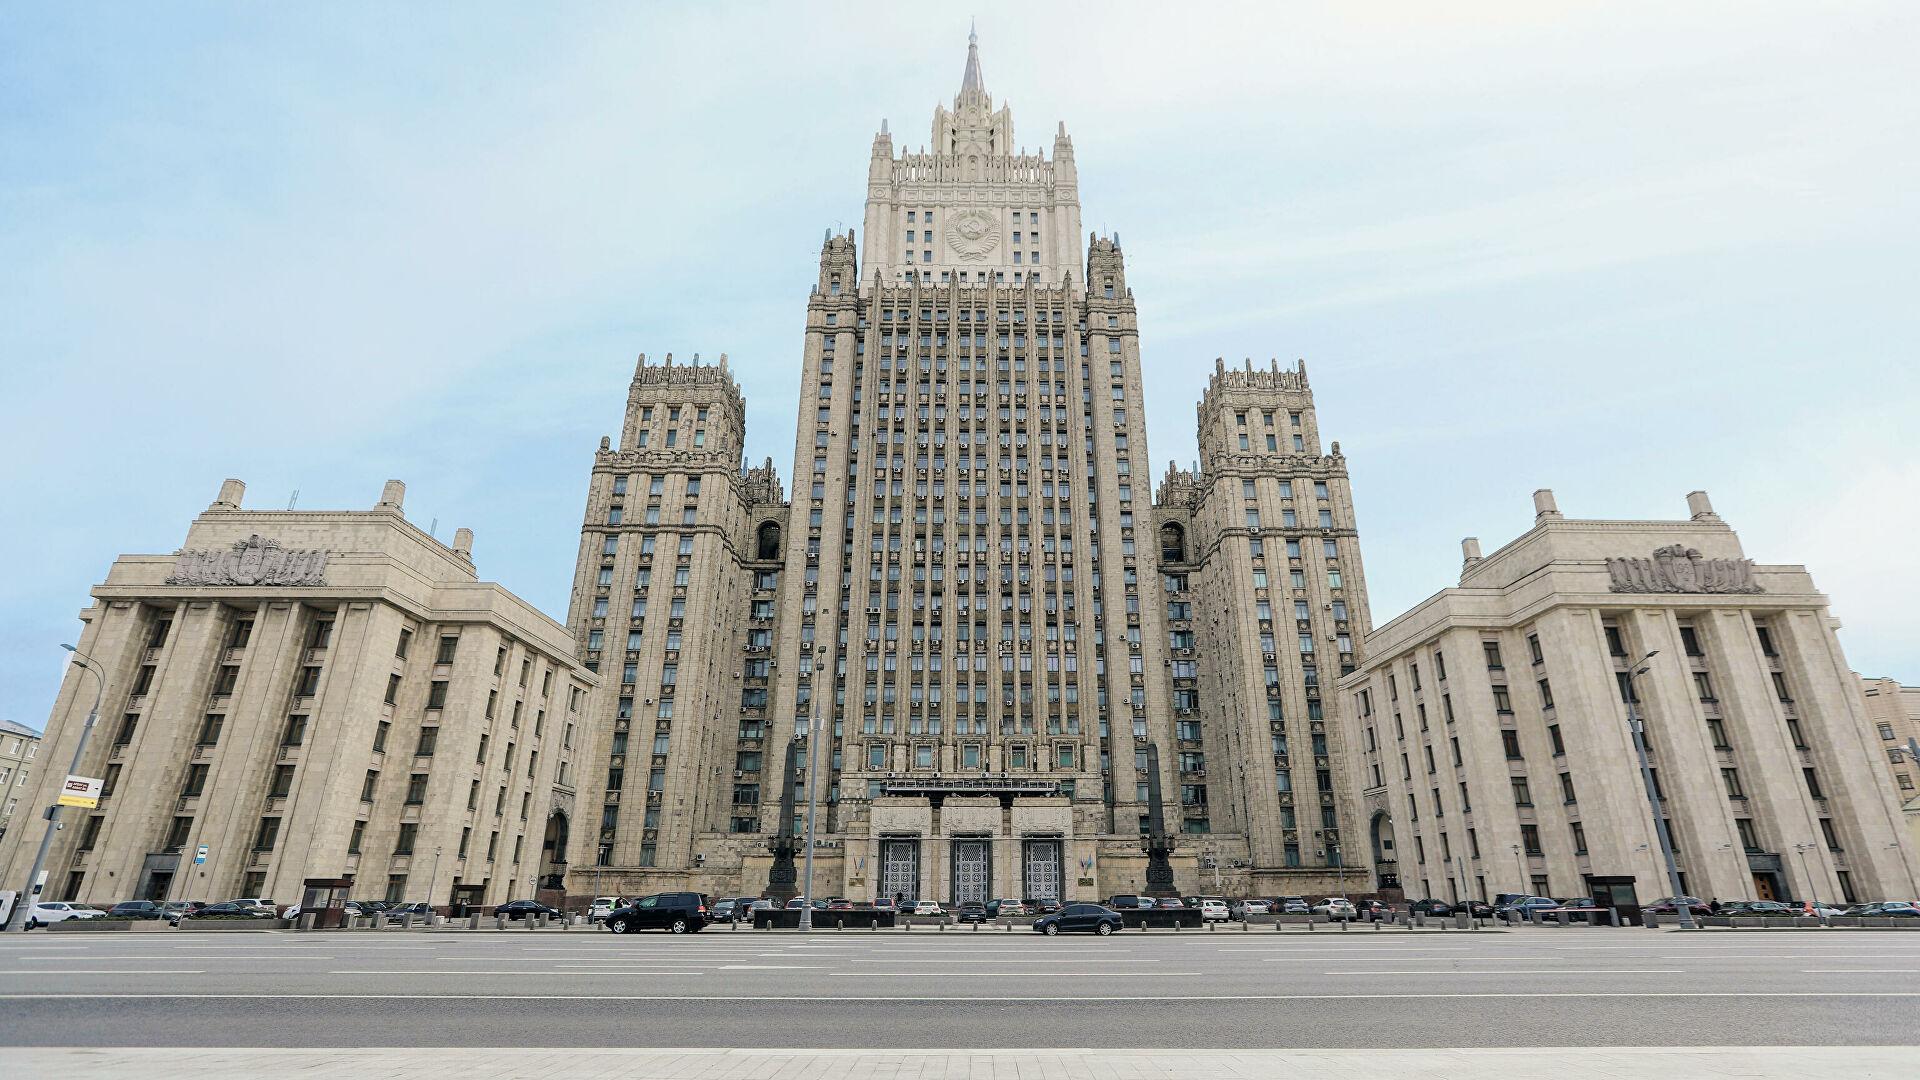 МИД РФ назвало отъезд нескольких дипломатов из Британии плановой ротацией